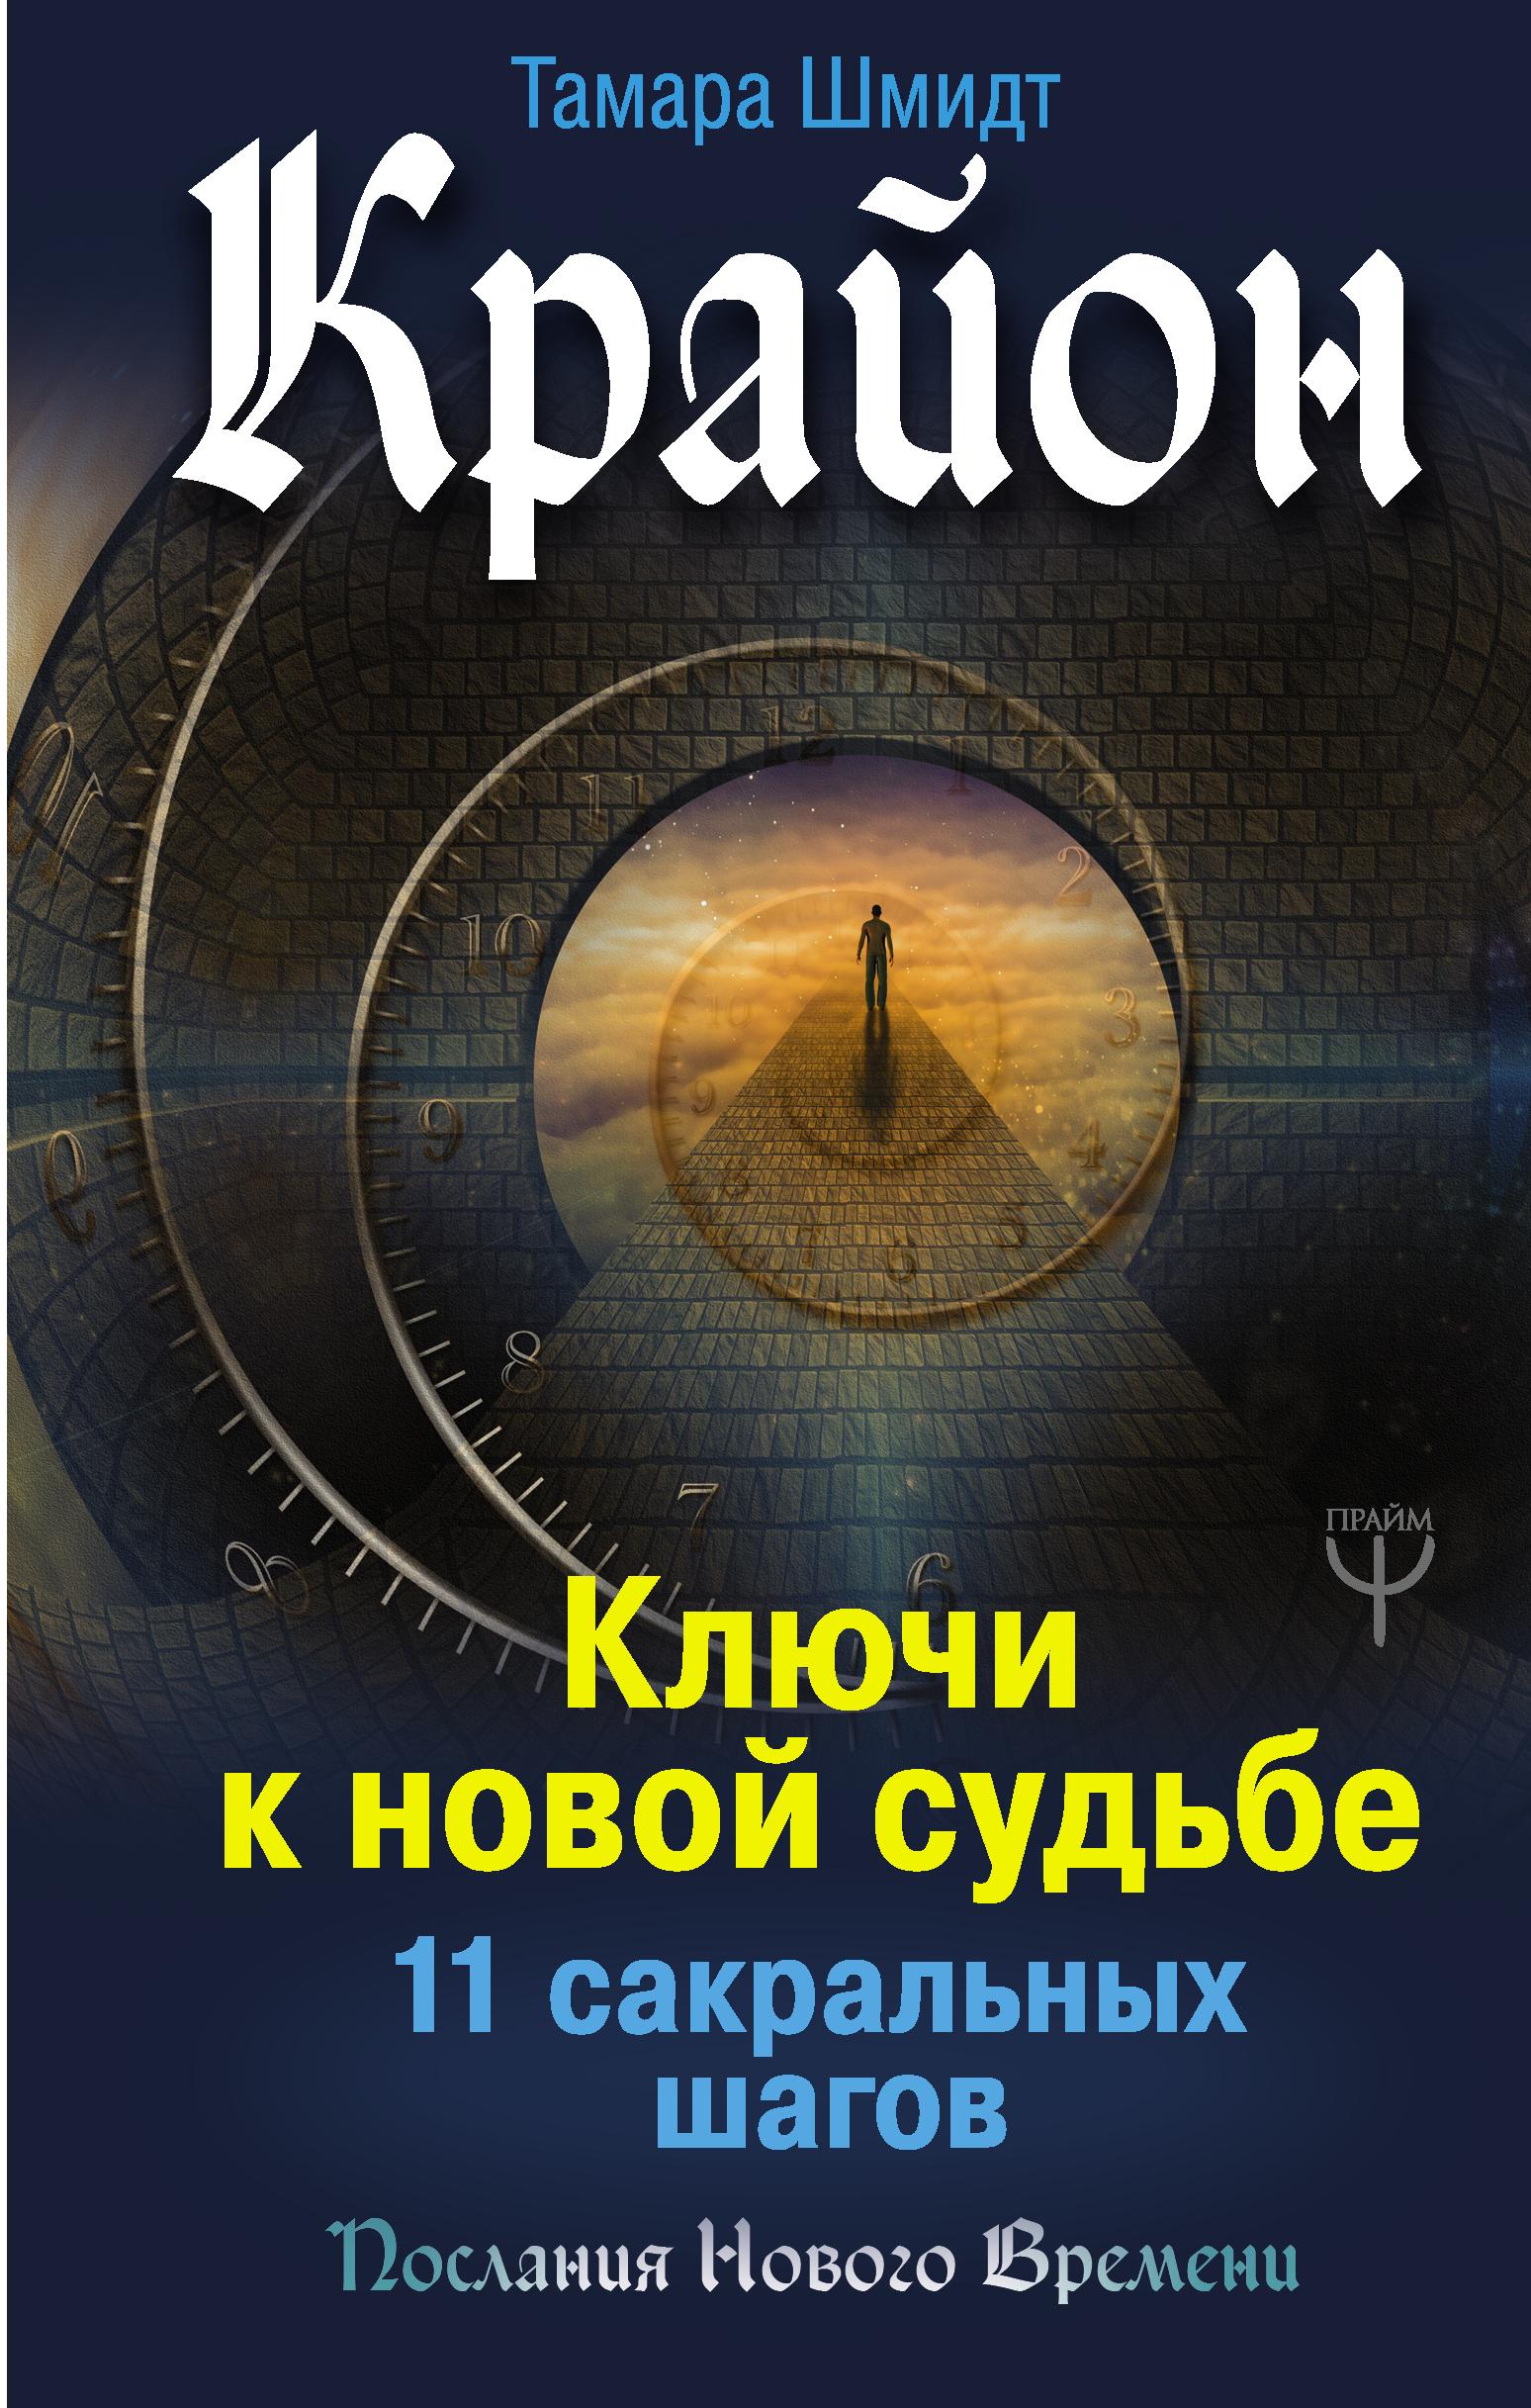 Тамара Шмидт «Крайон. Ключи к новой судьбе. 11 сакральных шагов»